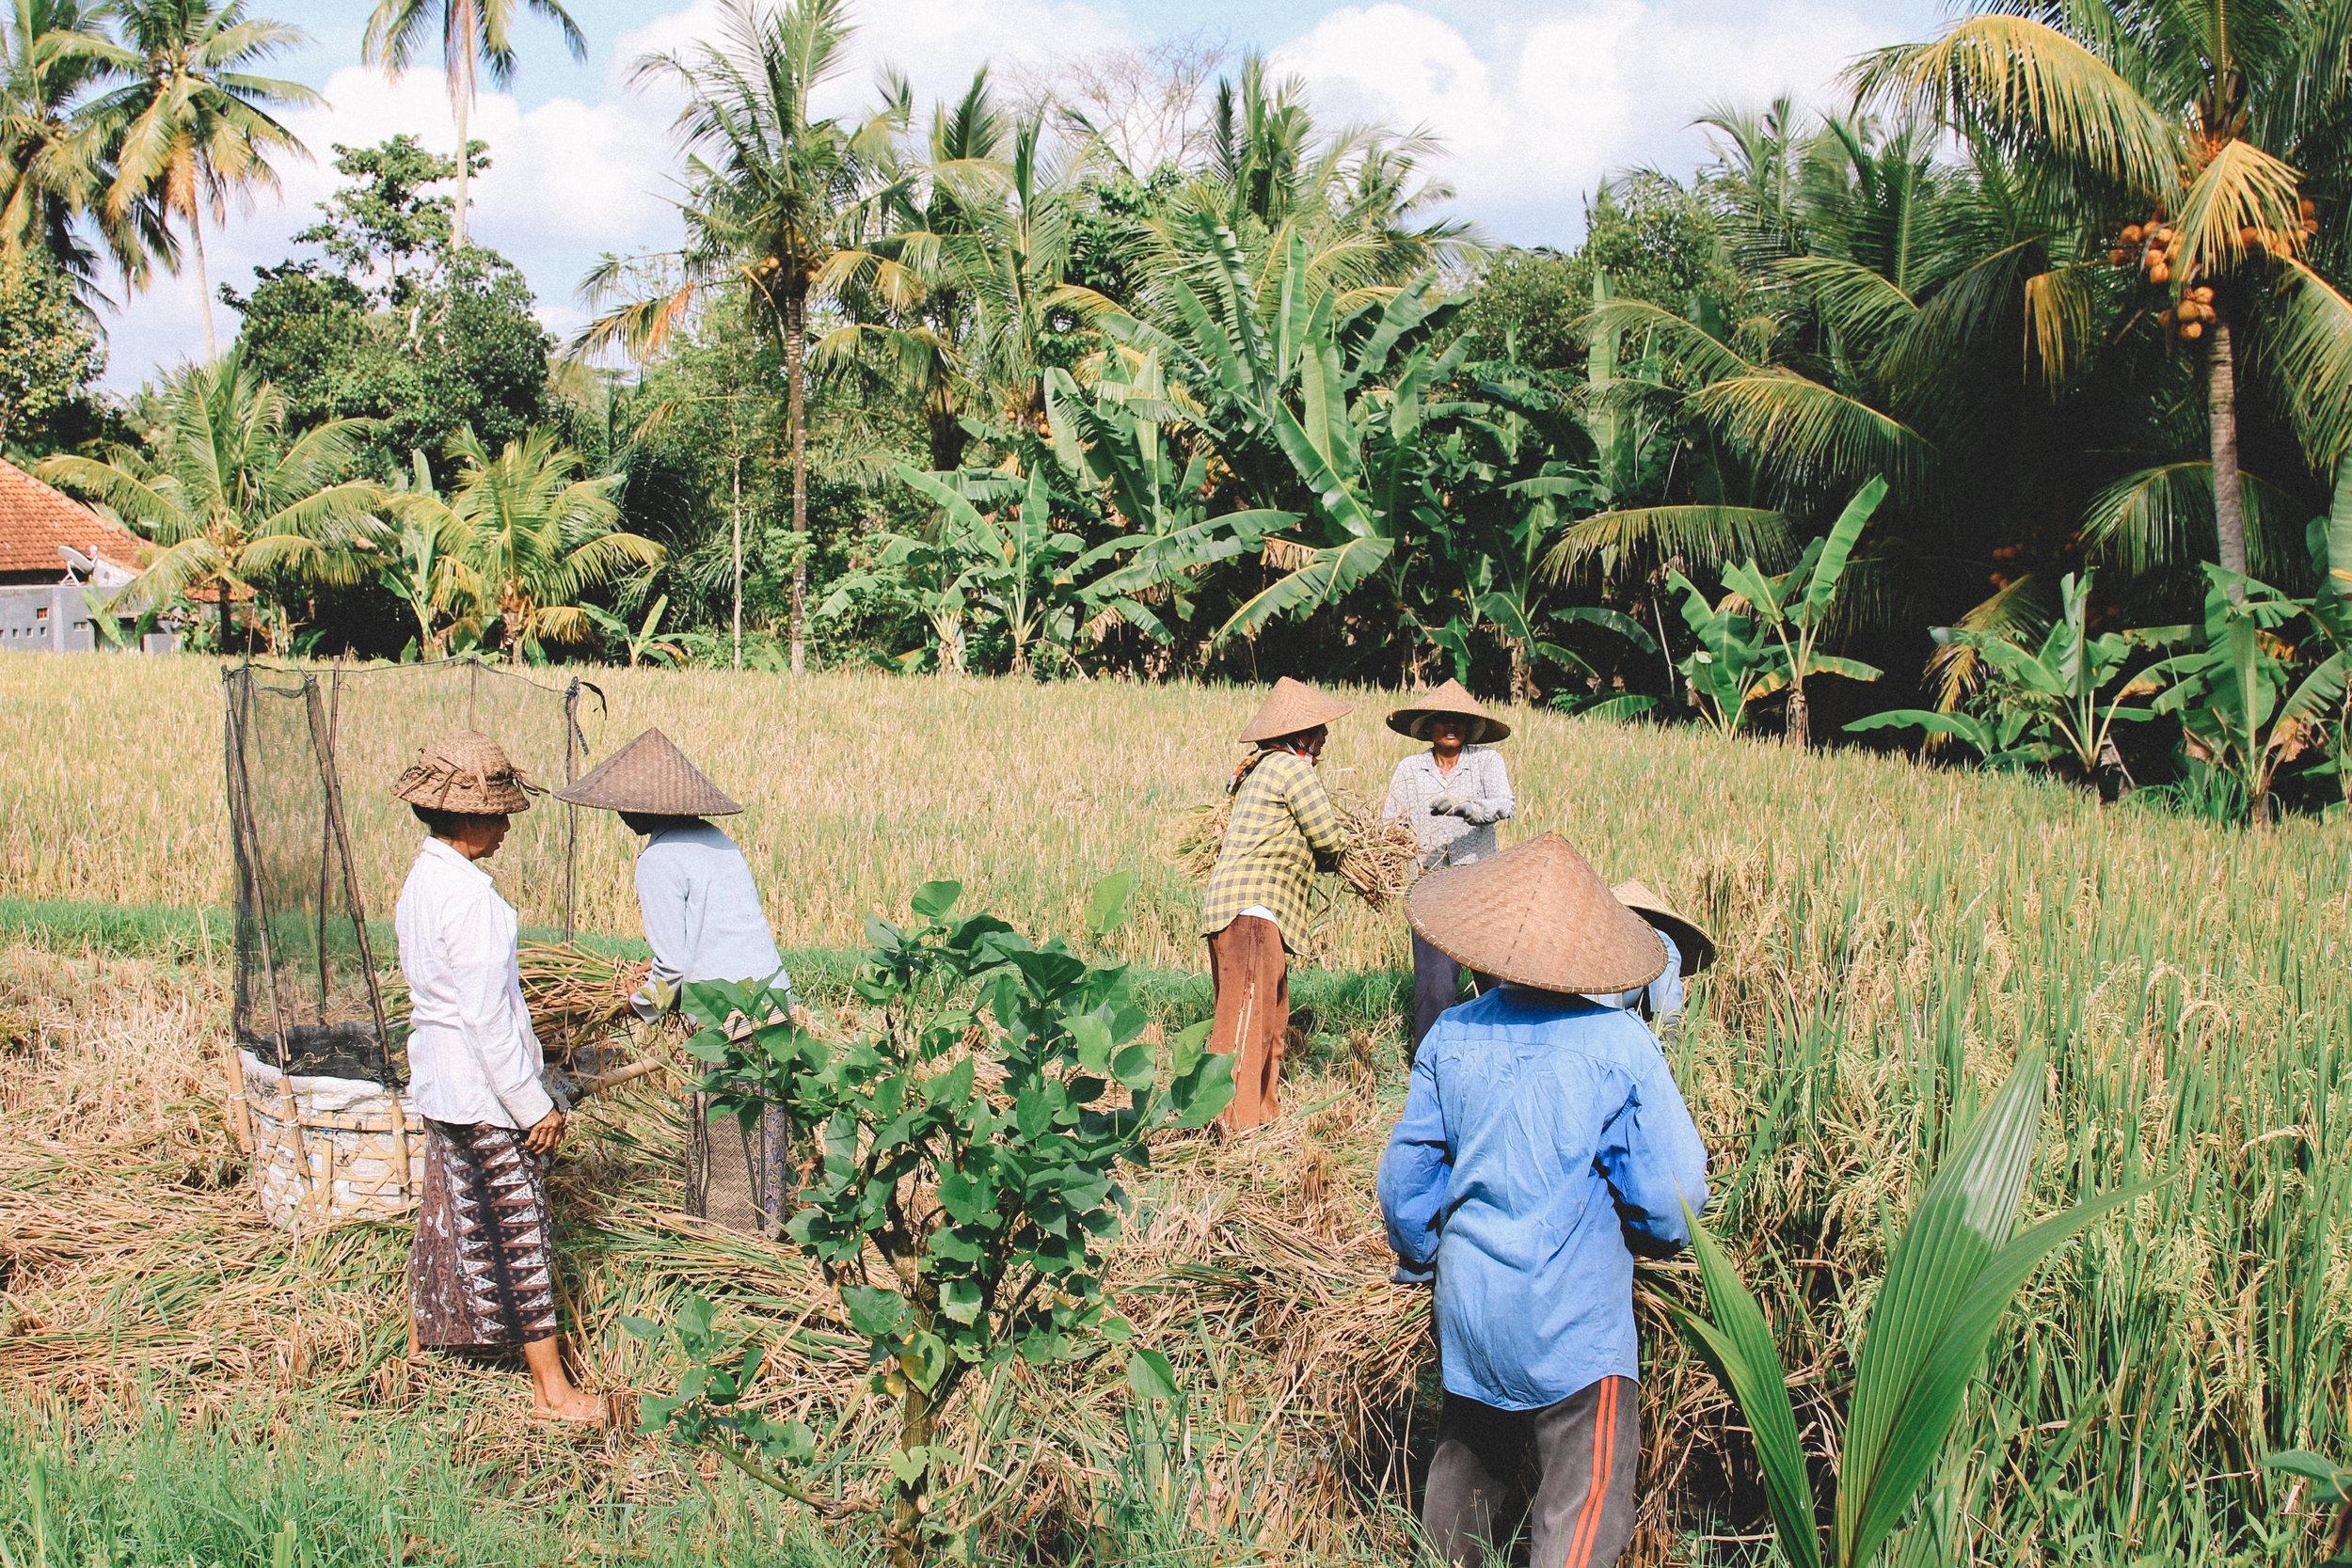 Bali-on-the-road-indonésie.jpg